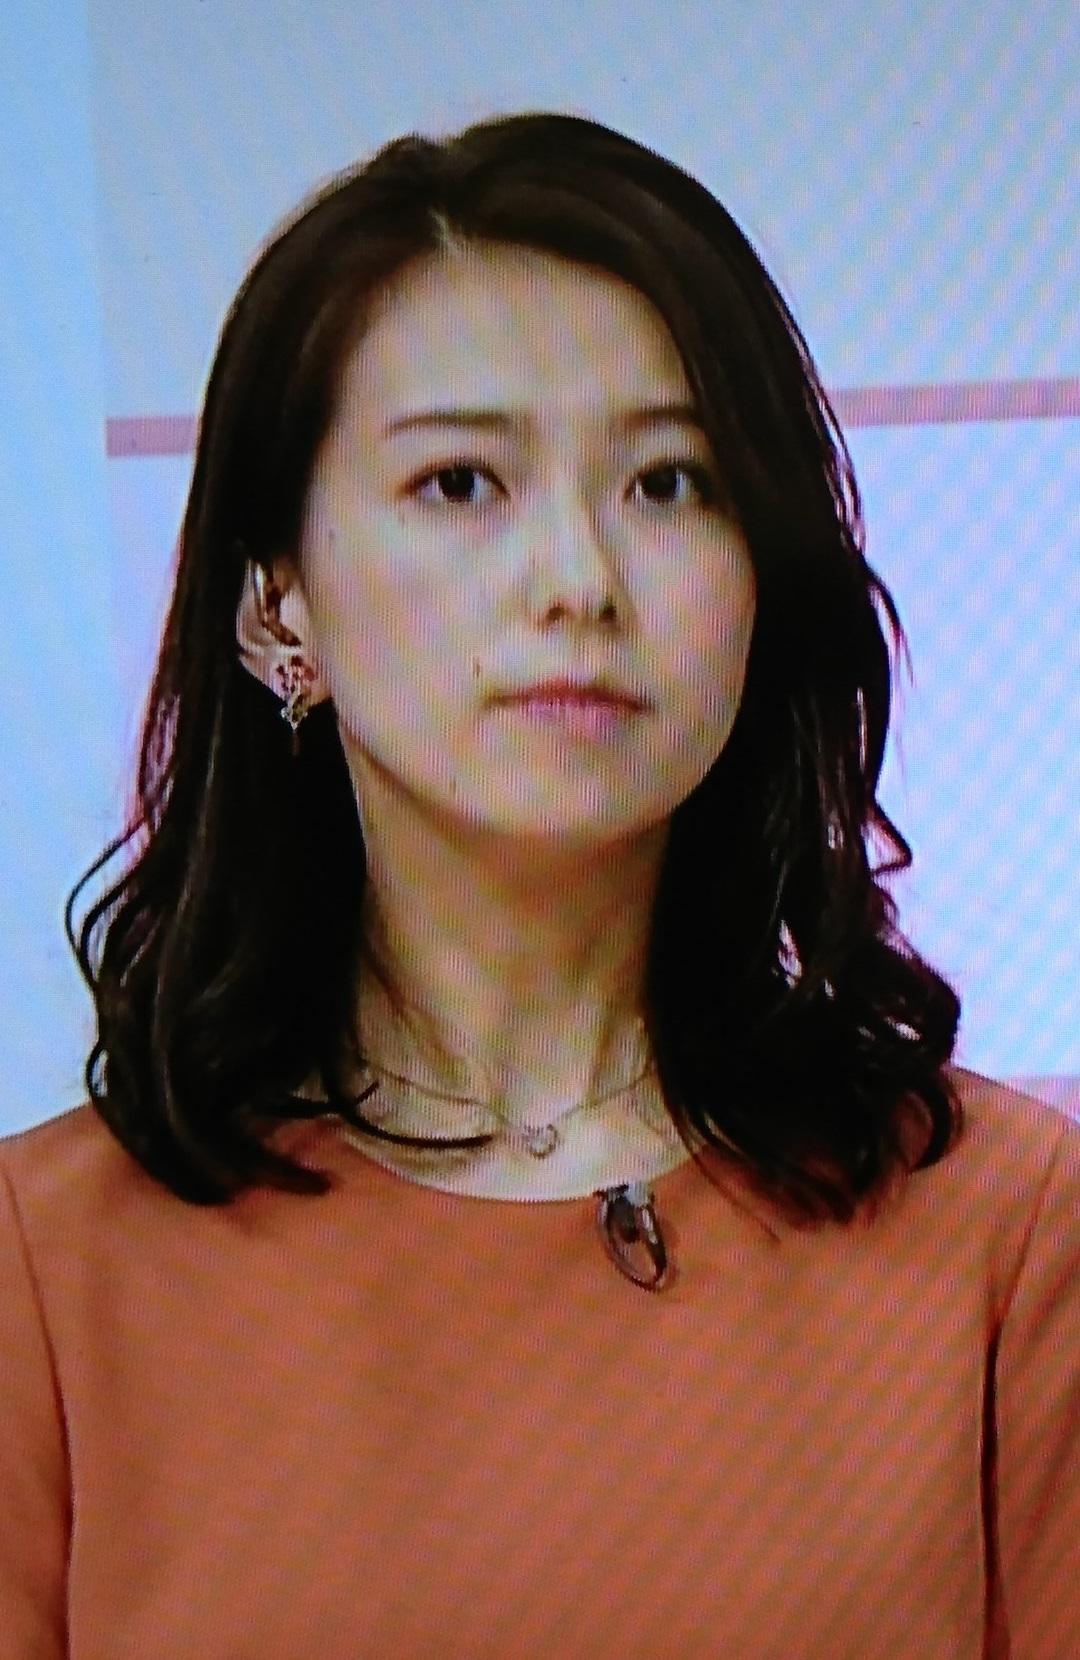 2016.12.21 和久田麻由子さん (3) 1080-1660